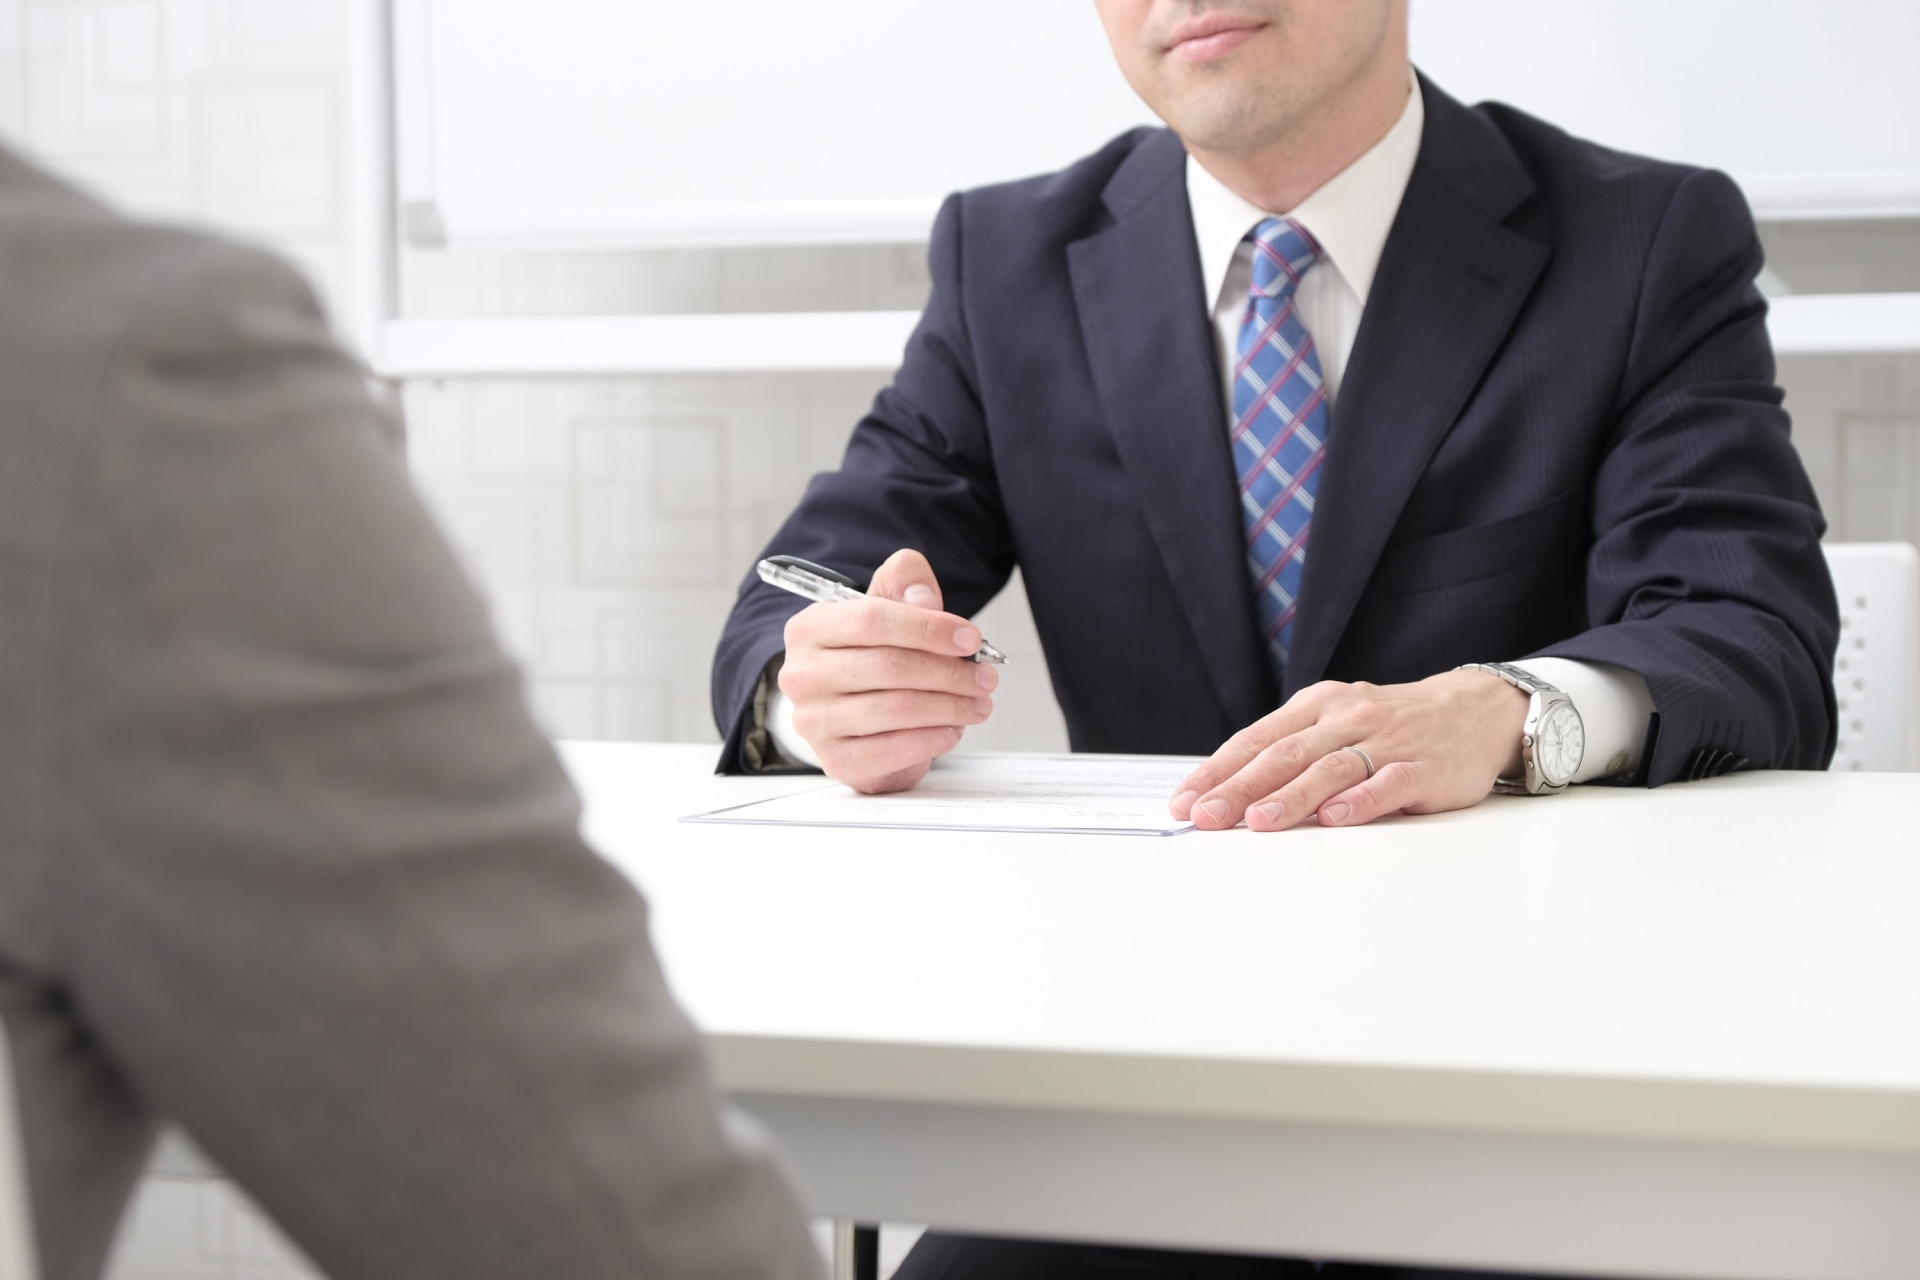 40代の転職、面接をコントロールして成功率を上げるコツ